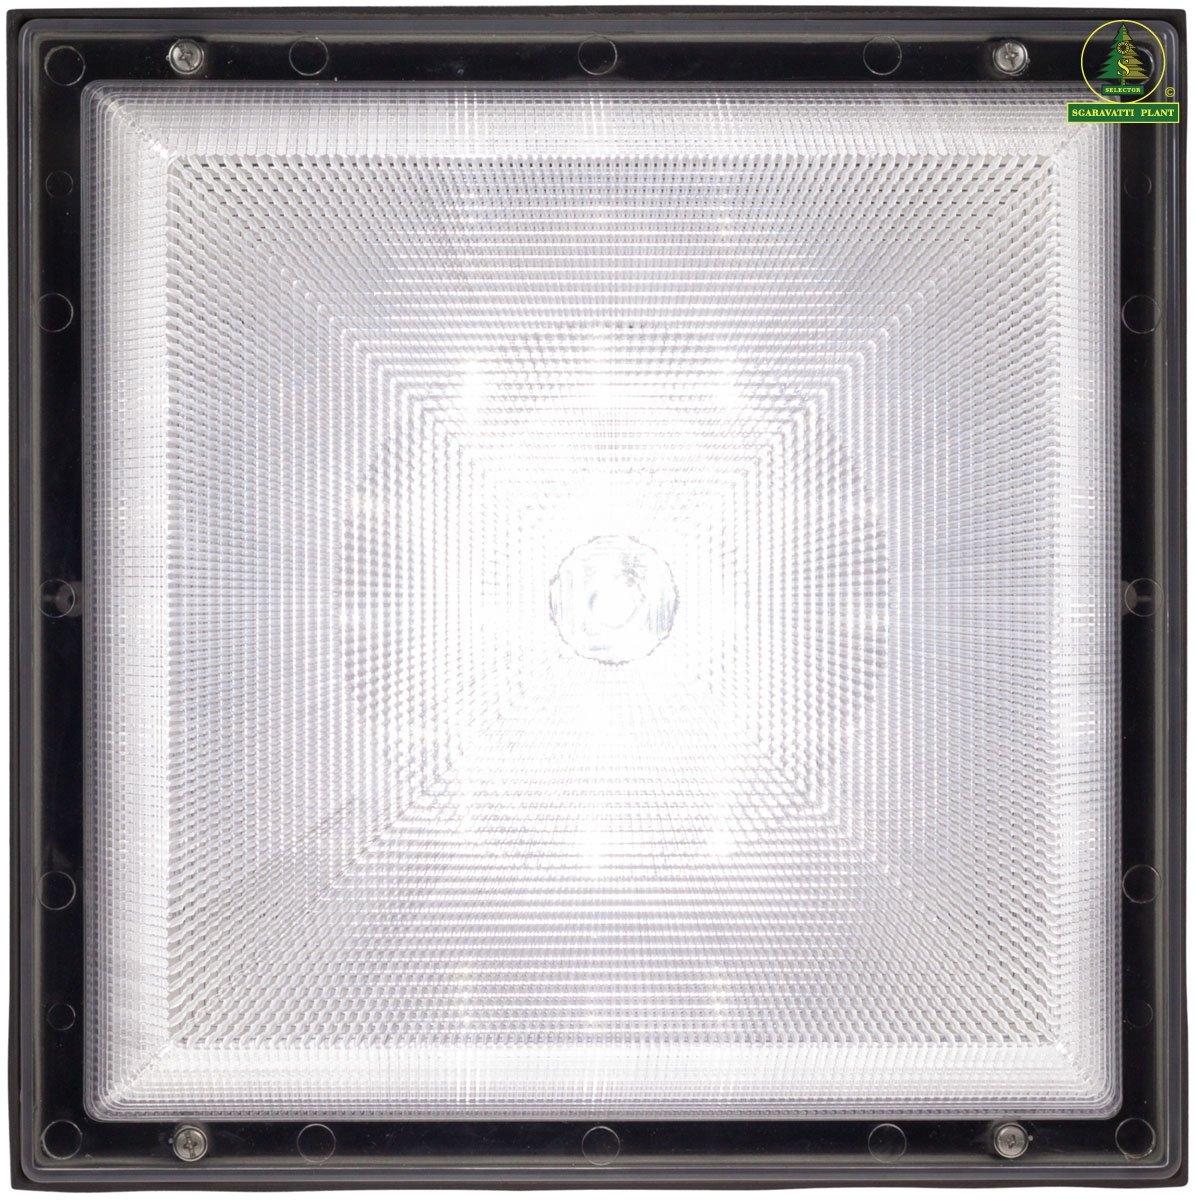 Luci a led illuminazione per interni zak sgaravatti for Luci per interni